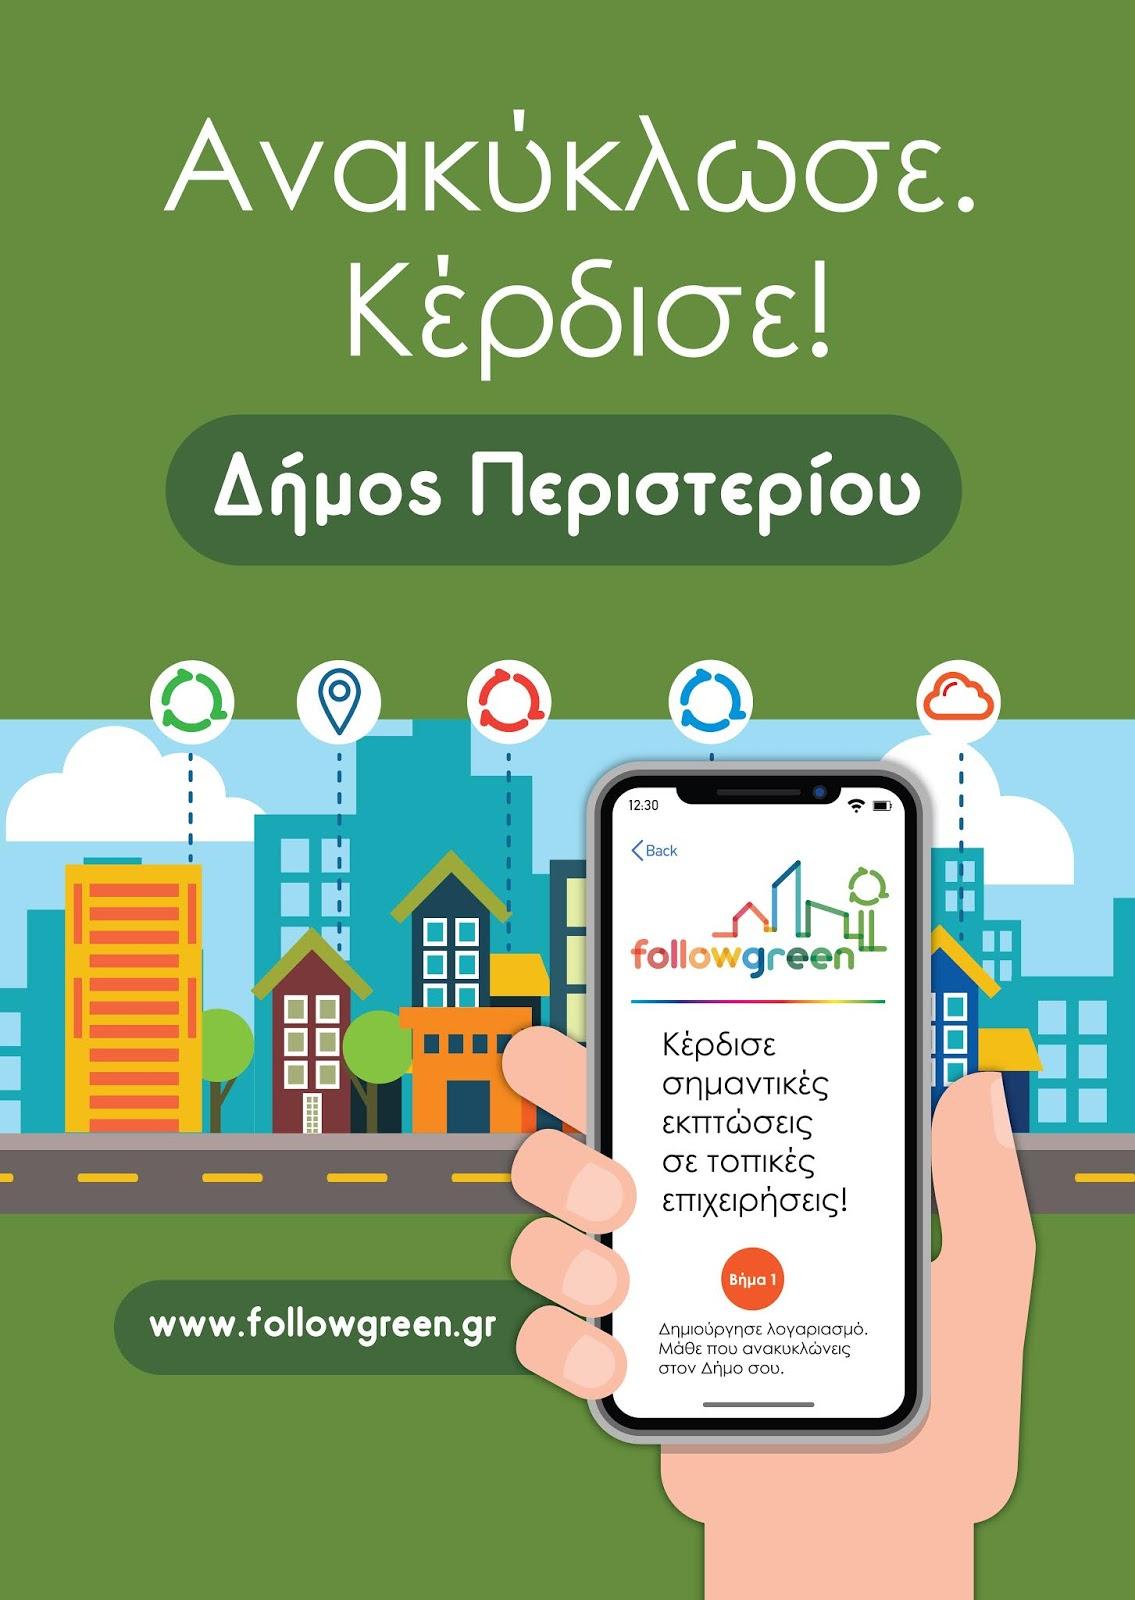 Ο Δήμος Περιστερίου ξεκίνησε το ολοκληρωμένο και καινοτόμο πρόγραμμα  περιβαλλοντικής ευαισθητοποίησης και επιβράβευσης των πολιτών για την  ανακύκλωση. 97e292378be